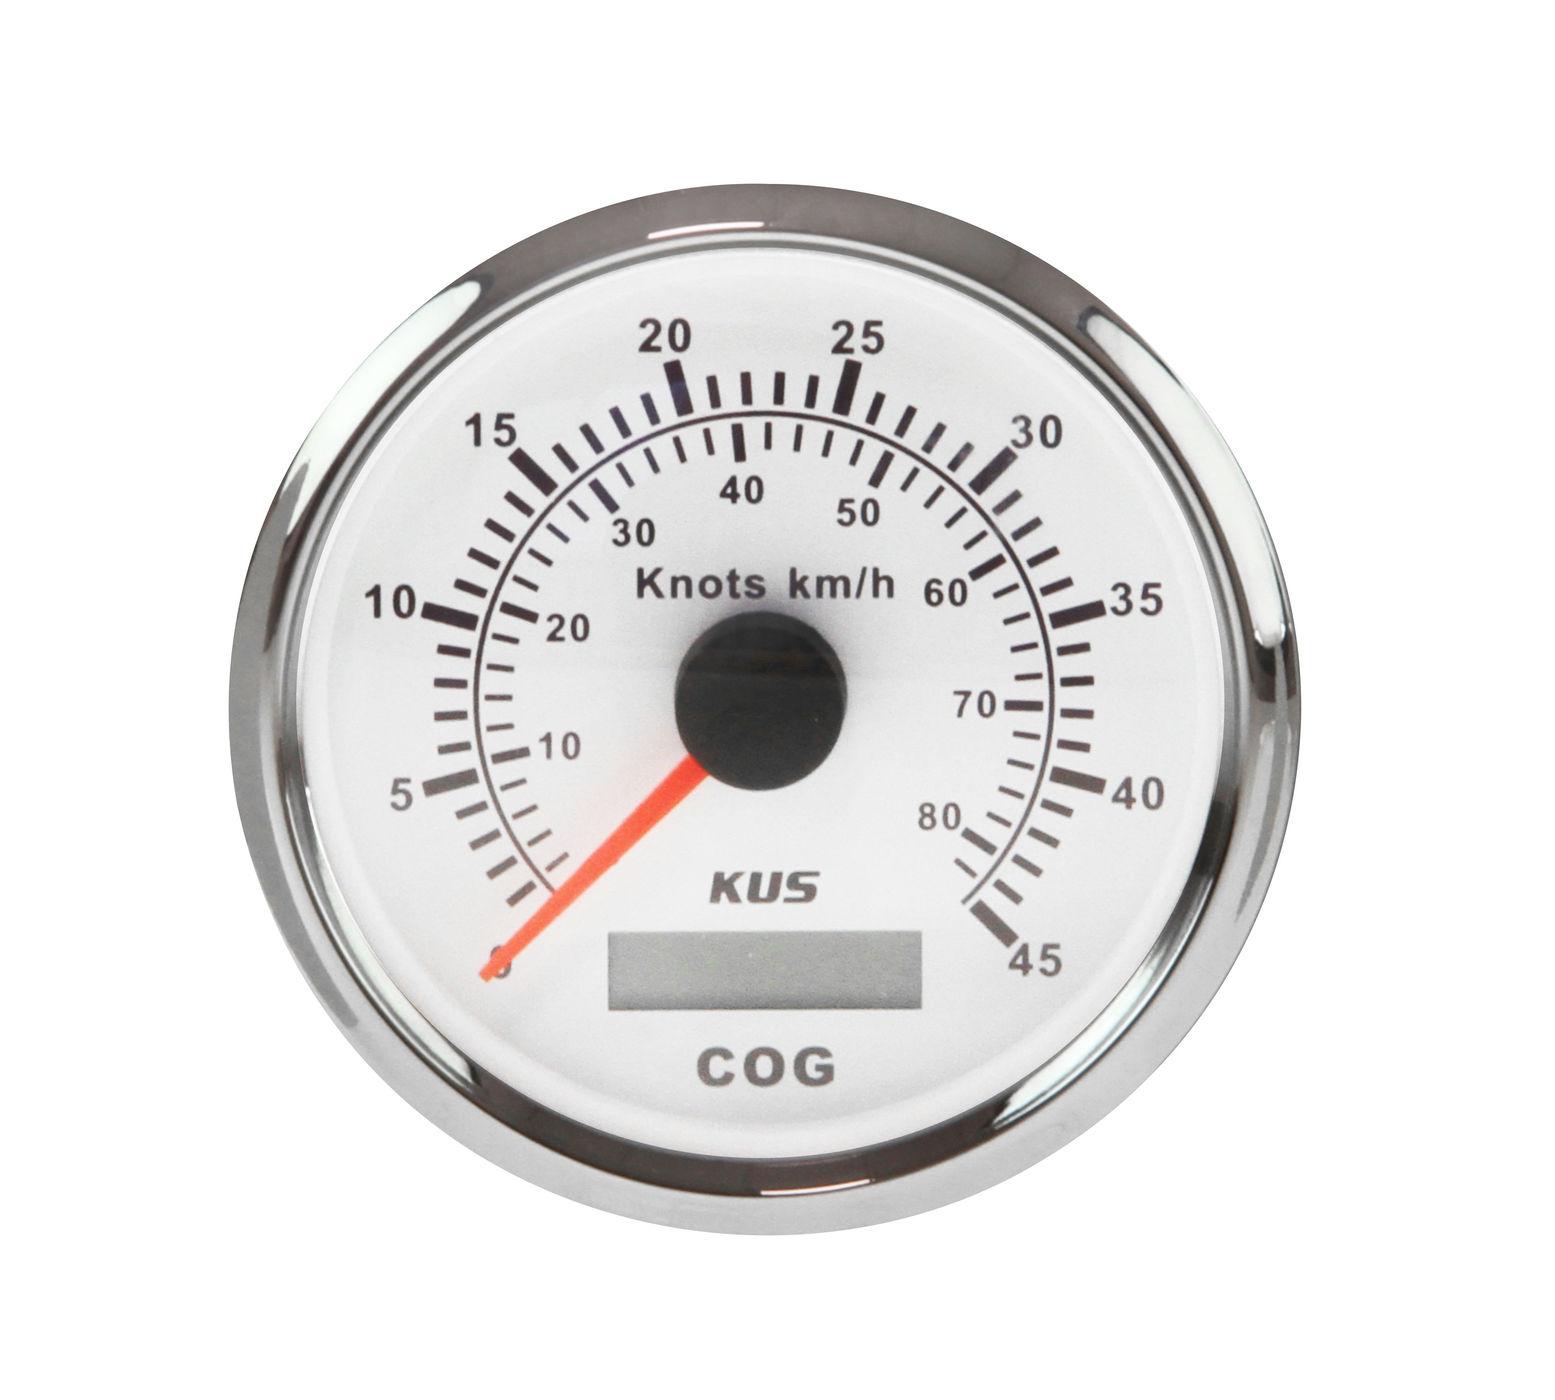 Compteur de vitesse analogique 0-45 noeuds, cadran blanc lunette en acier inoxydable, antenne à distance, etc. 85mm KY08126